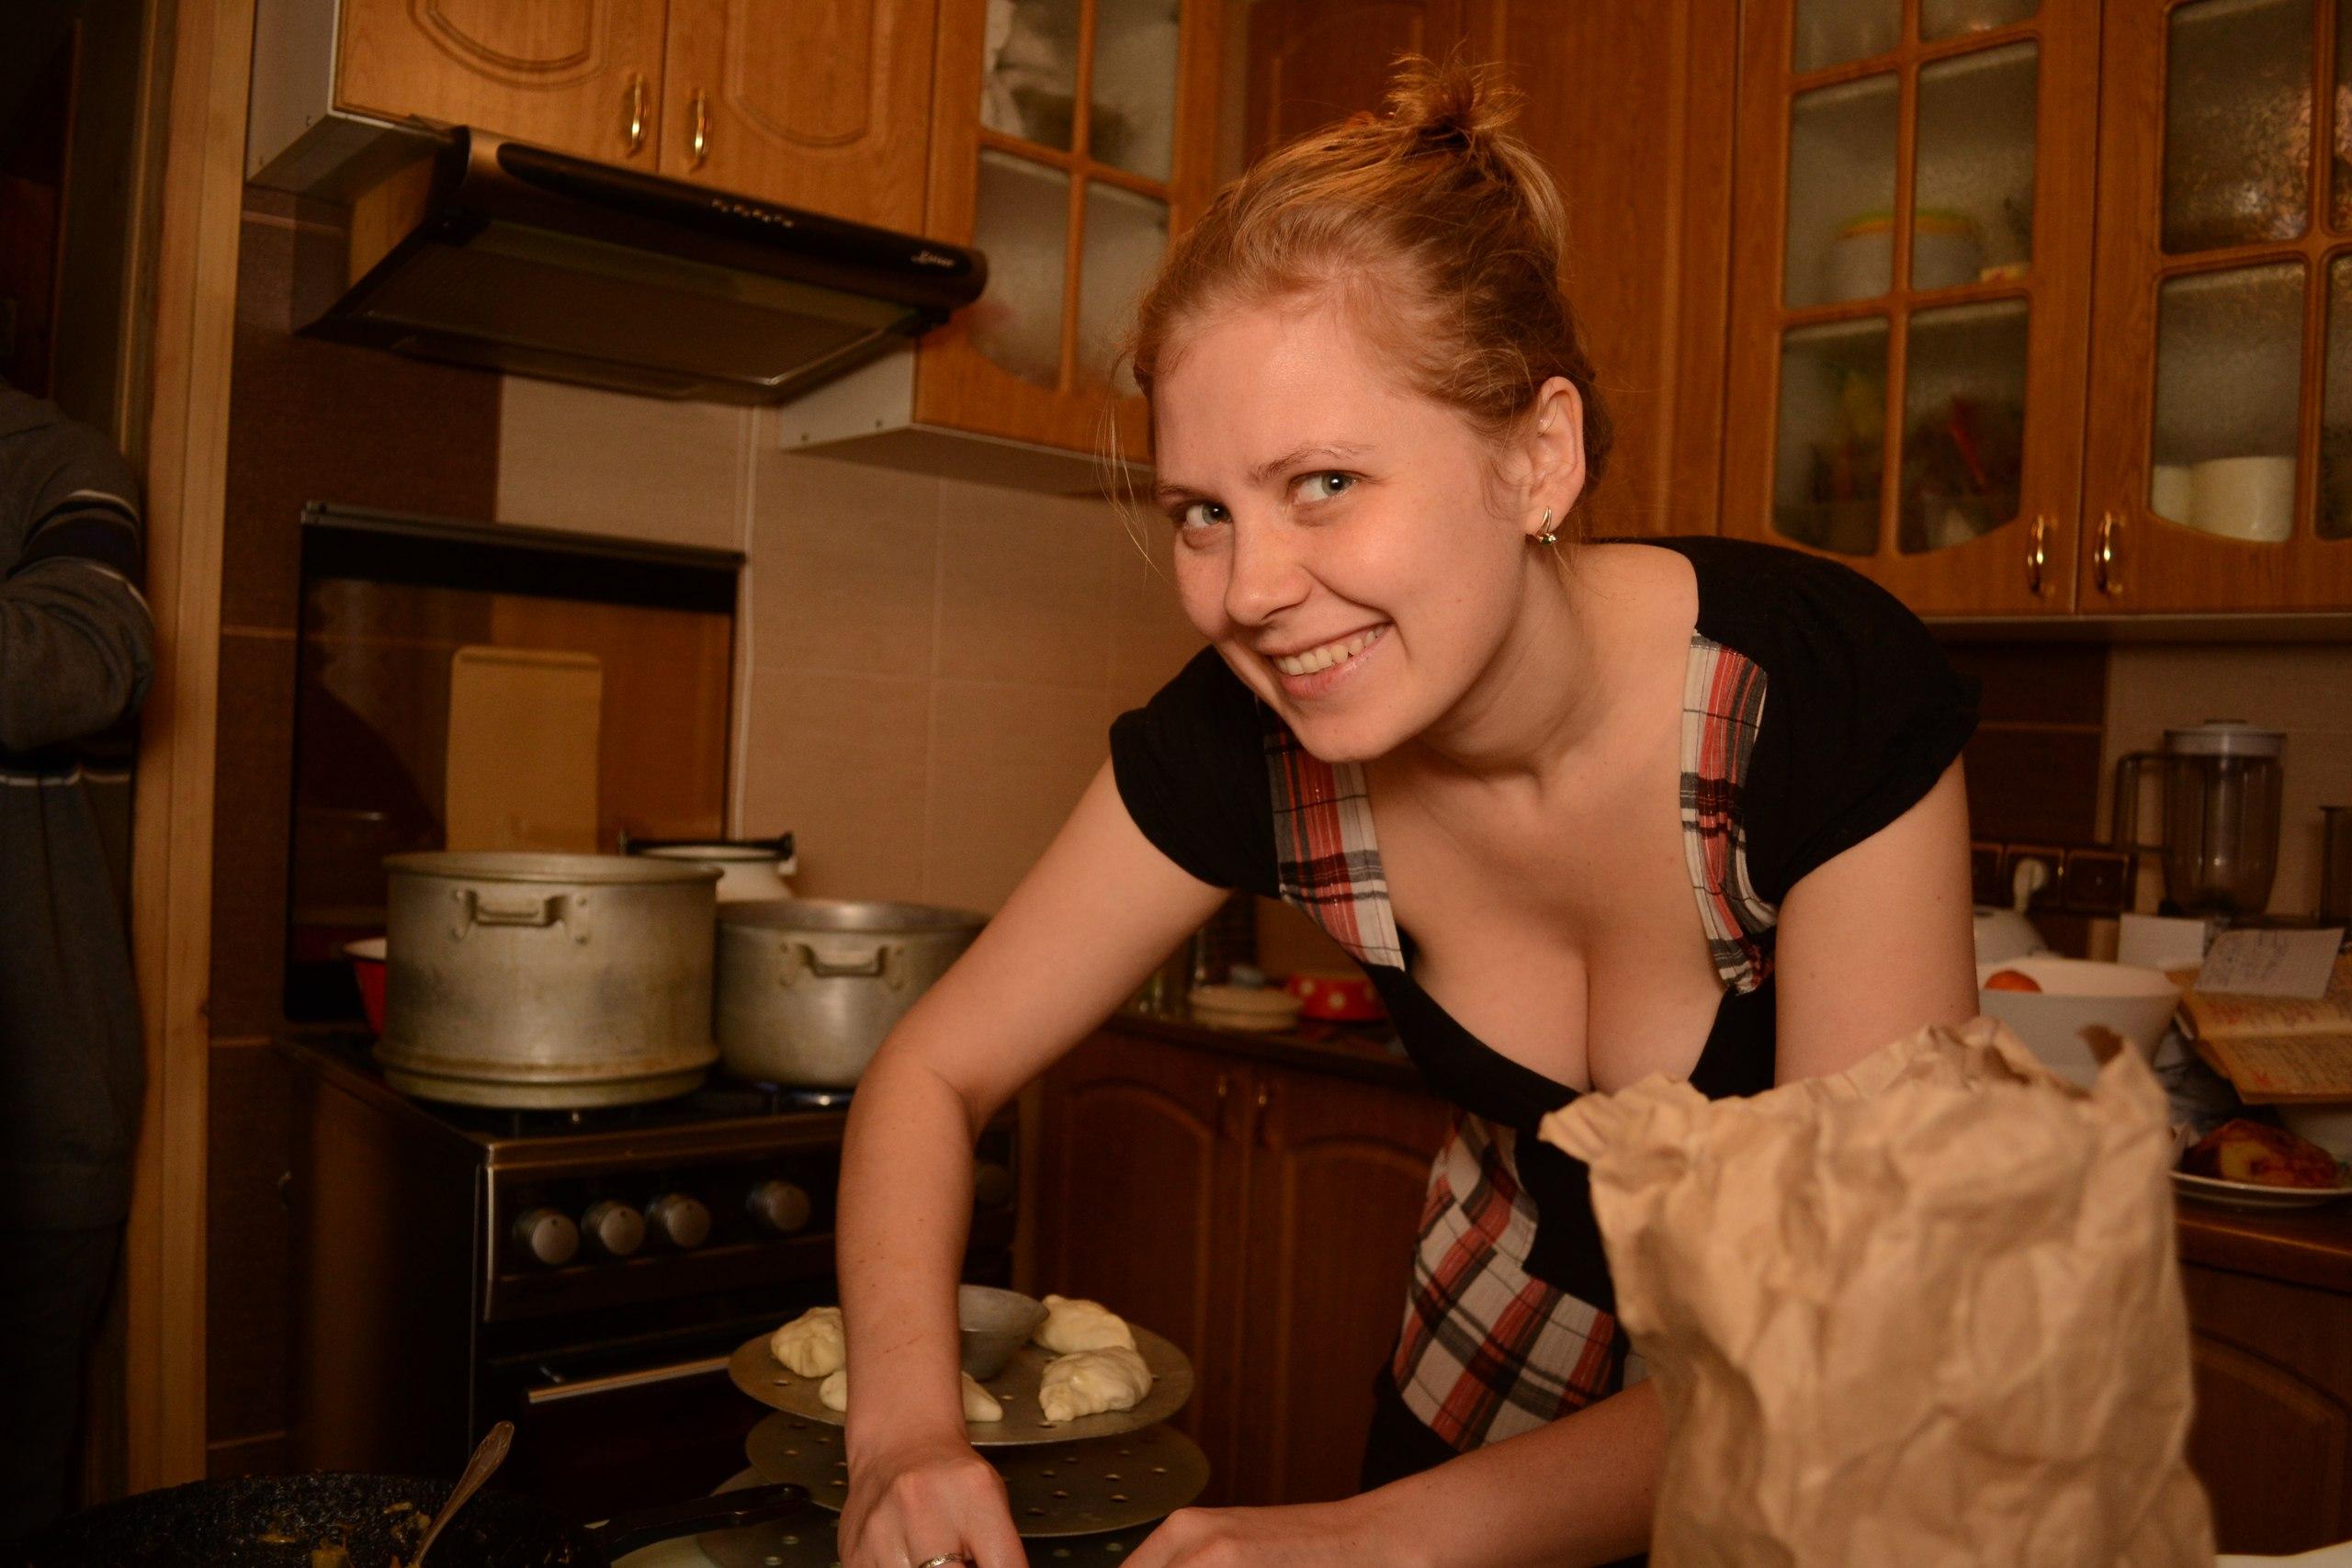 Разделась на кухни фото, Восхитительная девушка на кухне 17 фотография